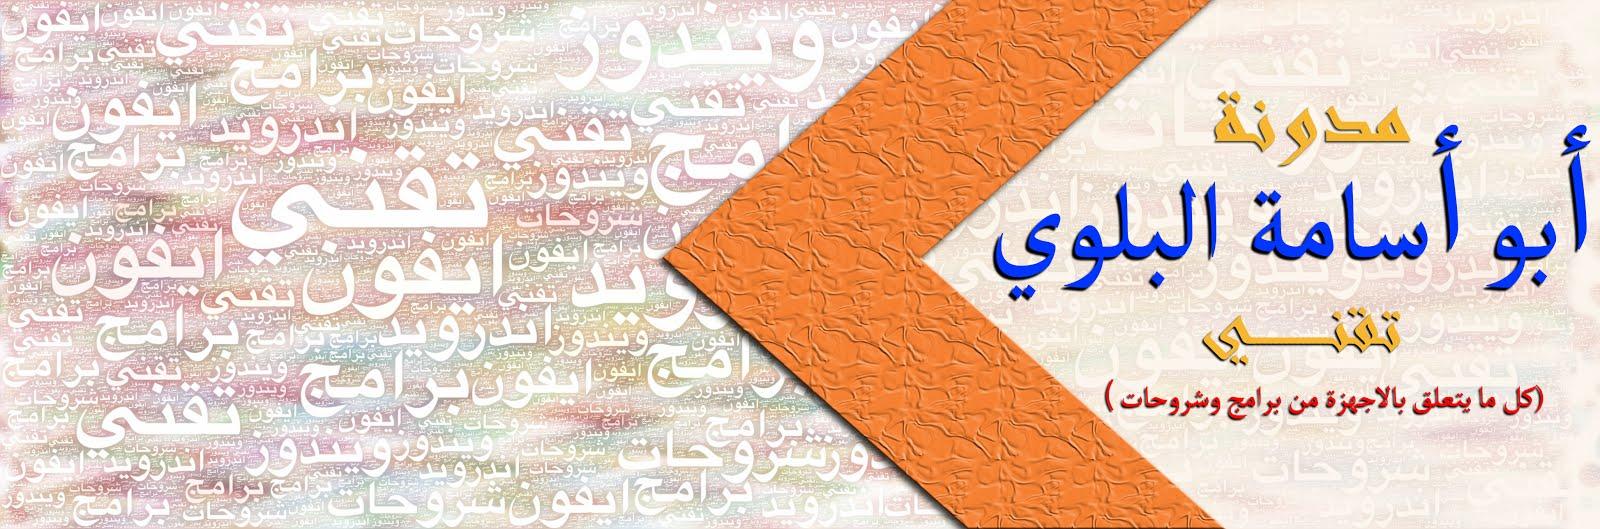 مدونة أبوأسامة البلوي (تقني)